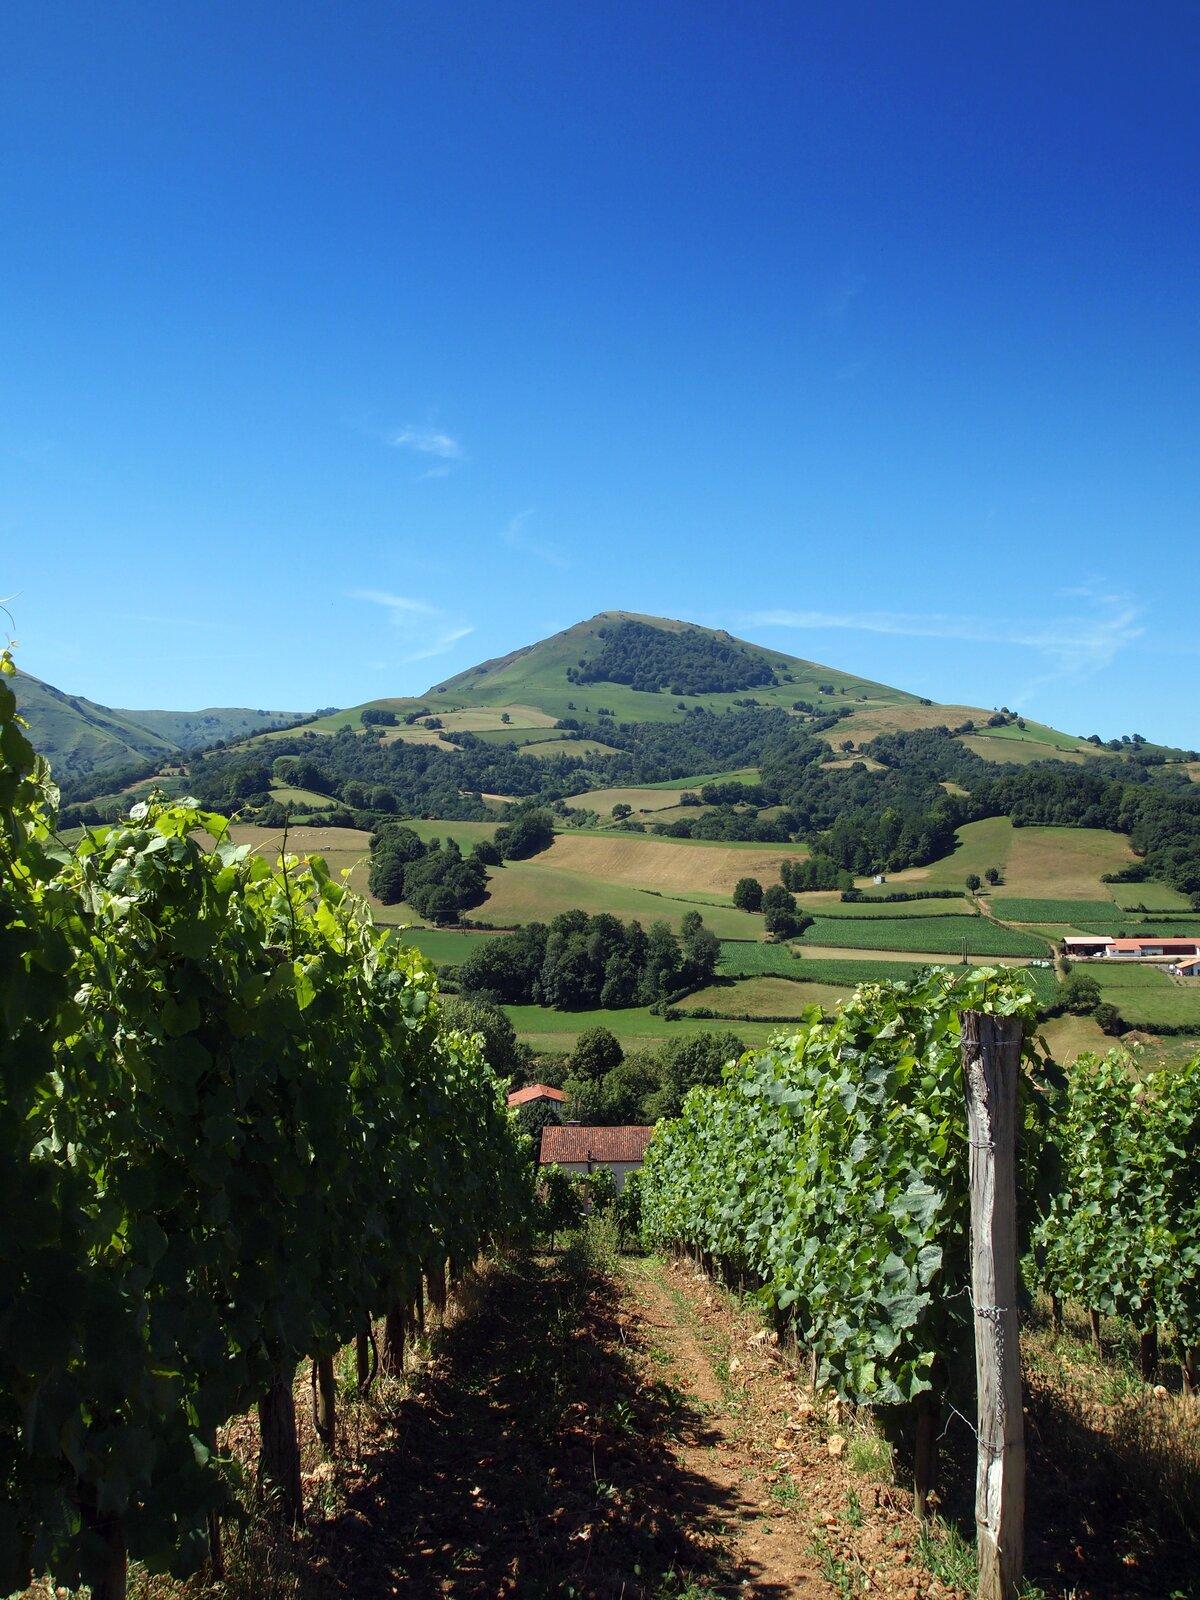 Na ilustracji plantacja winorośli. Wtle łagodne pagórki porośnięte lasem, pola uprawne.